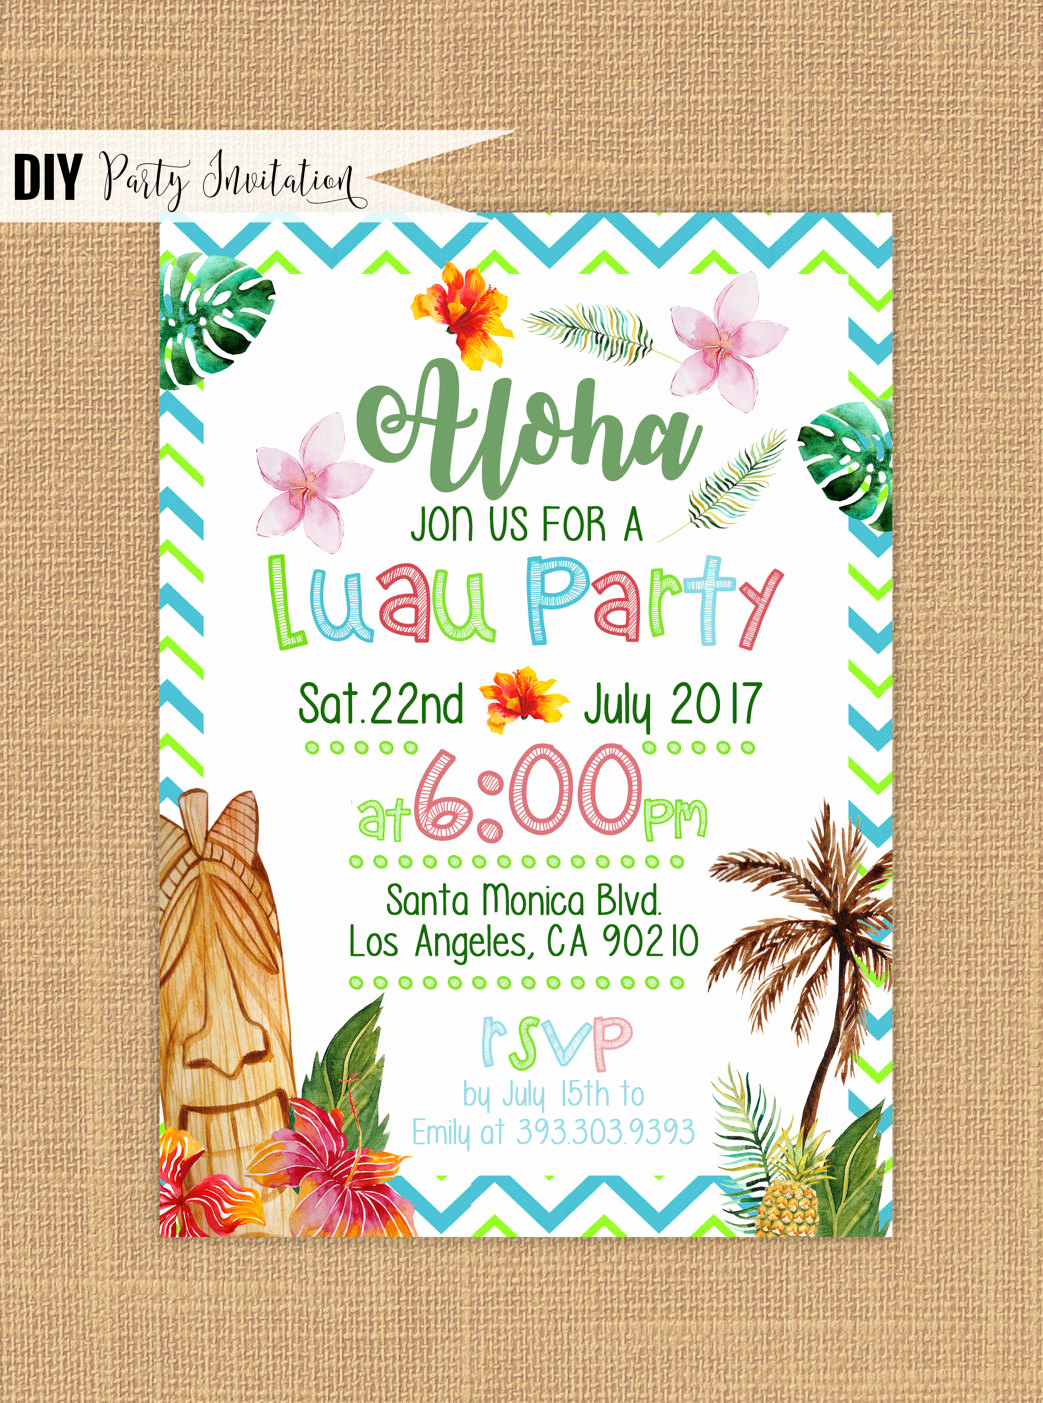 Luau Party Invitation Template New Luau Invitation Printable Luau Birthday Invitations